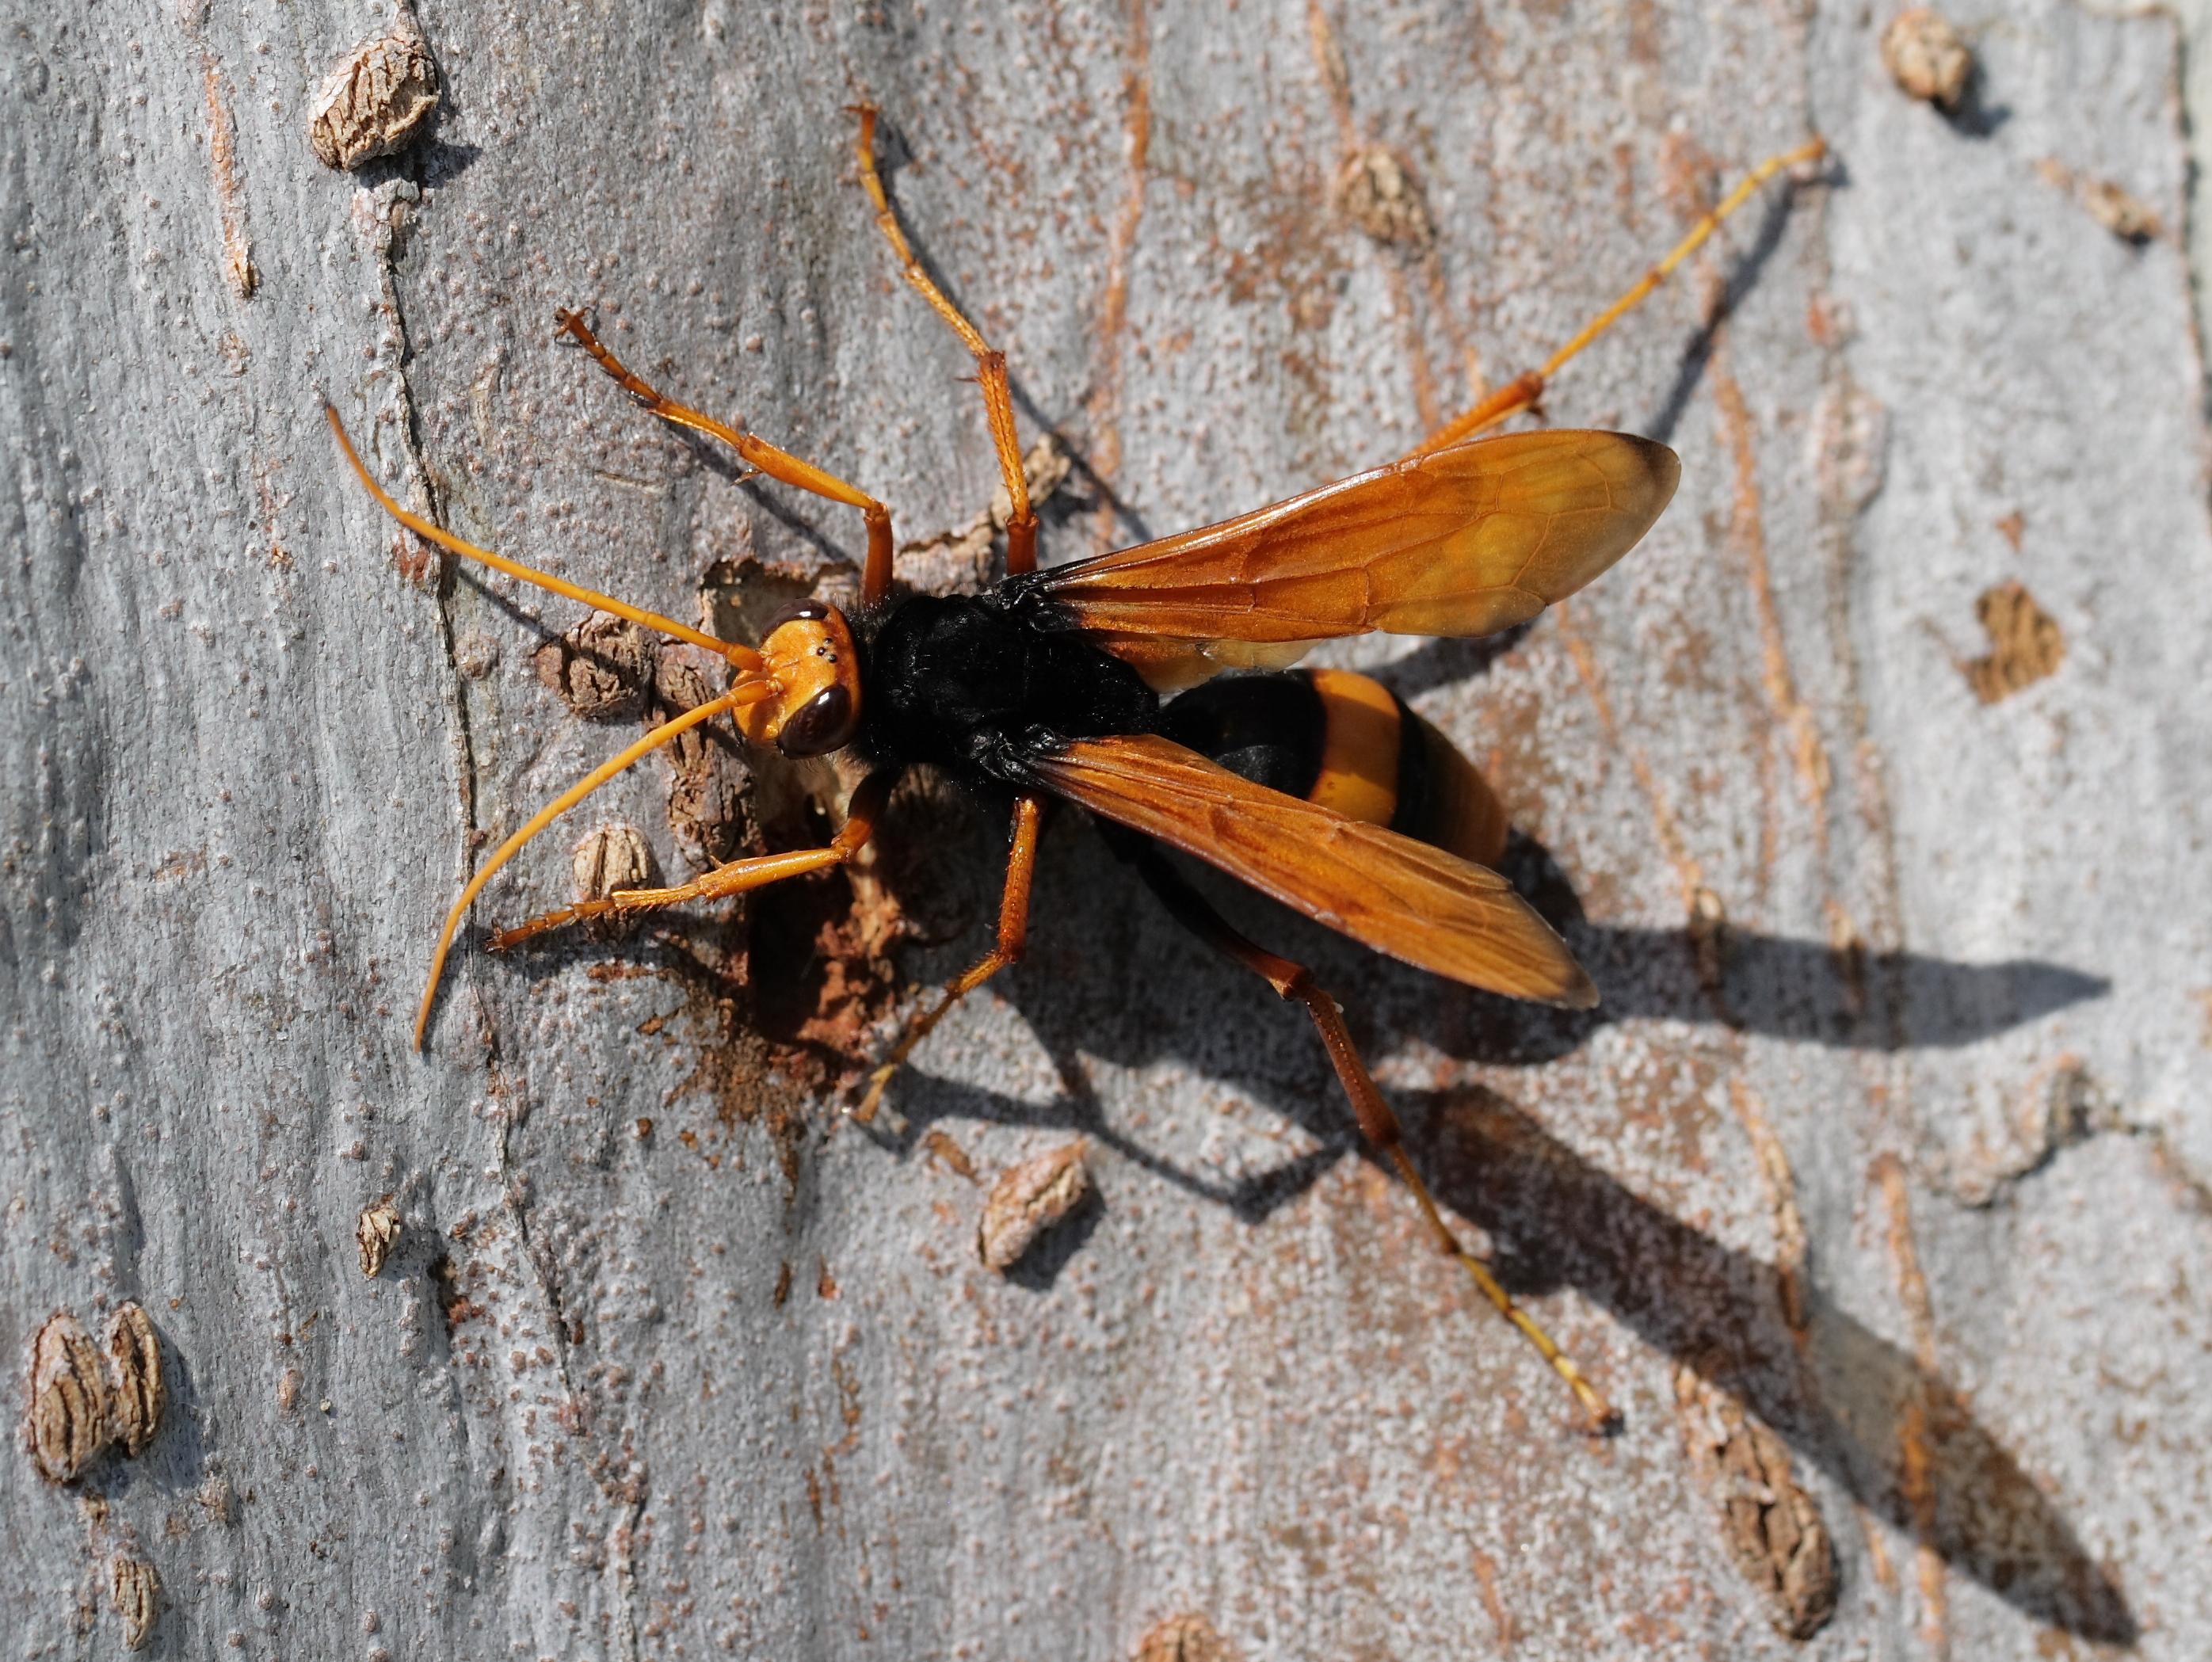 Australian spider wasp